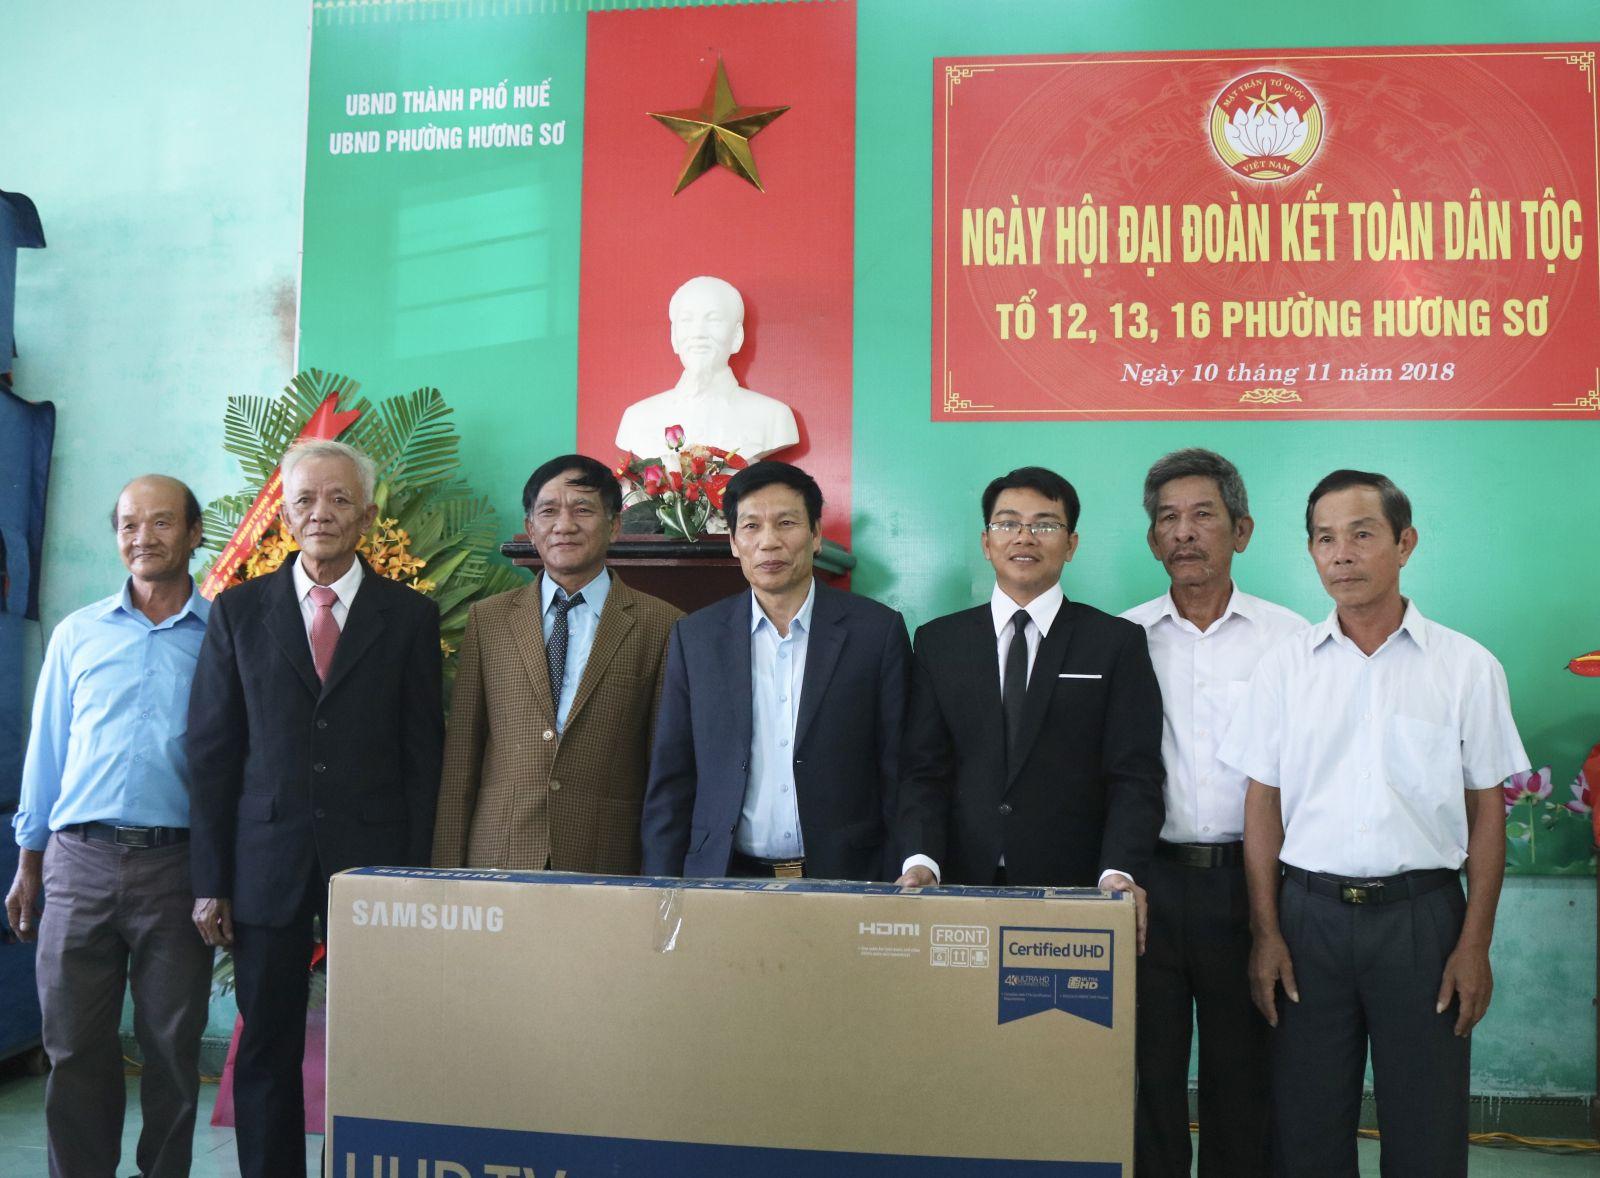 Bộ trưởng Nguyễn Ngọc Thiện dự Ngày hội Đại đoàn kết dân tộc ở phường Hương Sơ